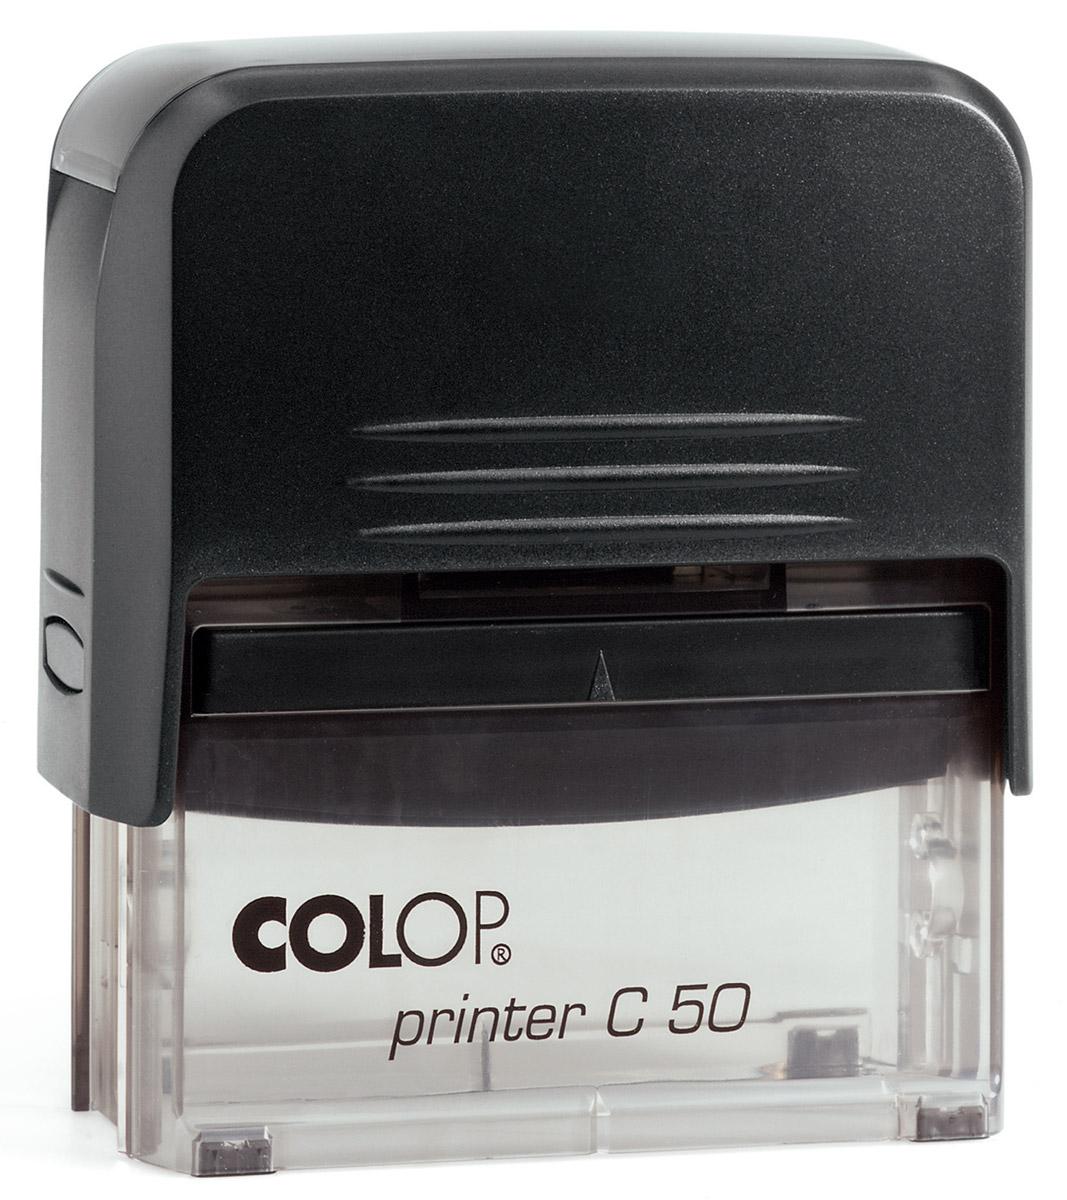 Colop Штамп самонаборный восьмистрочный Printer C50Printer50-SETСамонаборный восьмистрочный штамп Colop Printer C50 используется для самостоятельного набора и изменения текста. Крепление символов на одной ножке. Имеет рамку. Штампы, модифицированные рамкой, могут использоваться как с рамкой, так и без. Кол-во строк - 8 (6), кол-во знаков в строке - 43 (36)/30 (23). В комплекте пластиковый корпус с автоматическим окрашиванием, кассы букв Type Set A и Type Set B, сменная штемпельная подушка 30 мм х 69 мм (код С10898), пинцет.